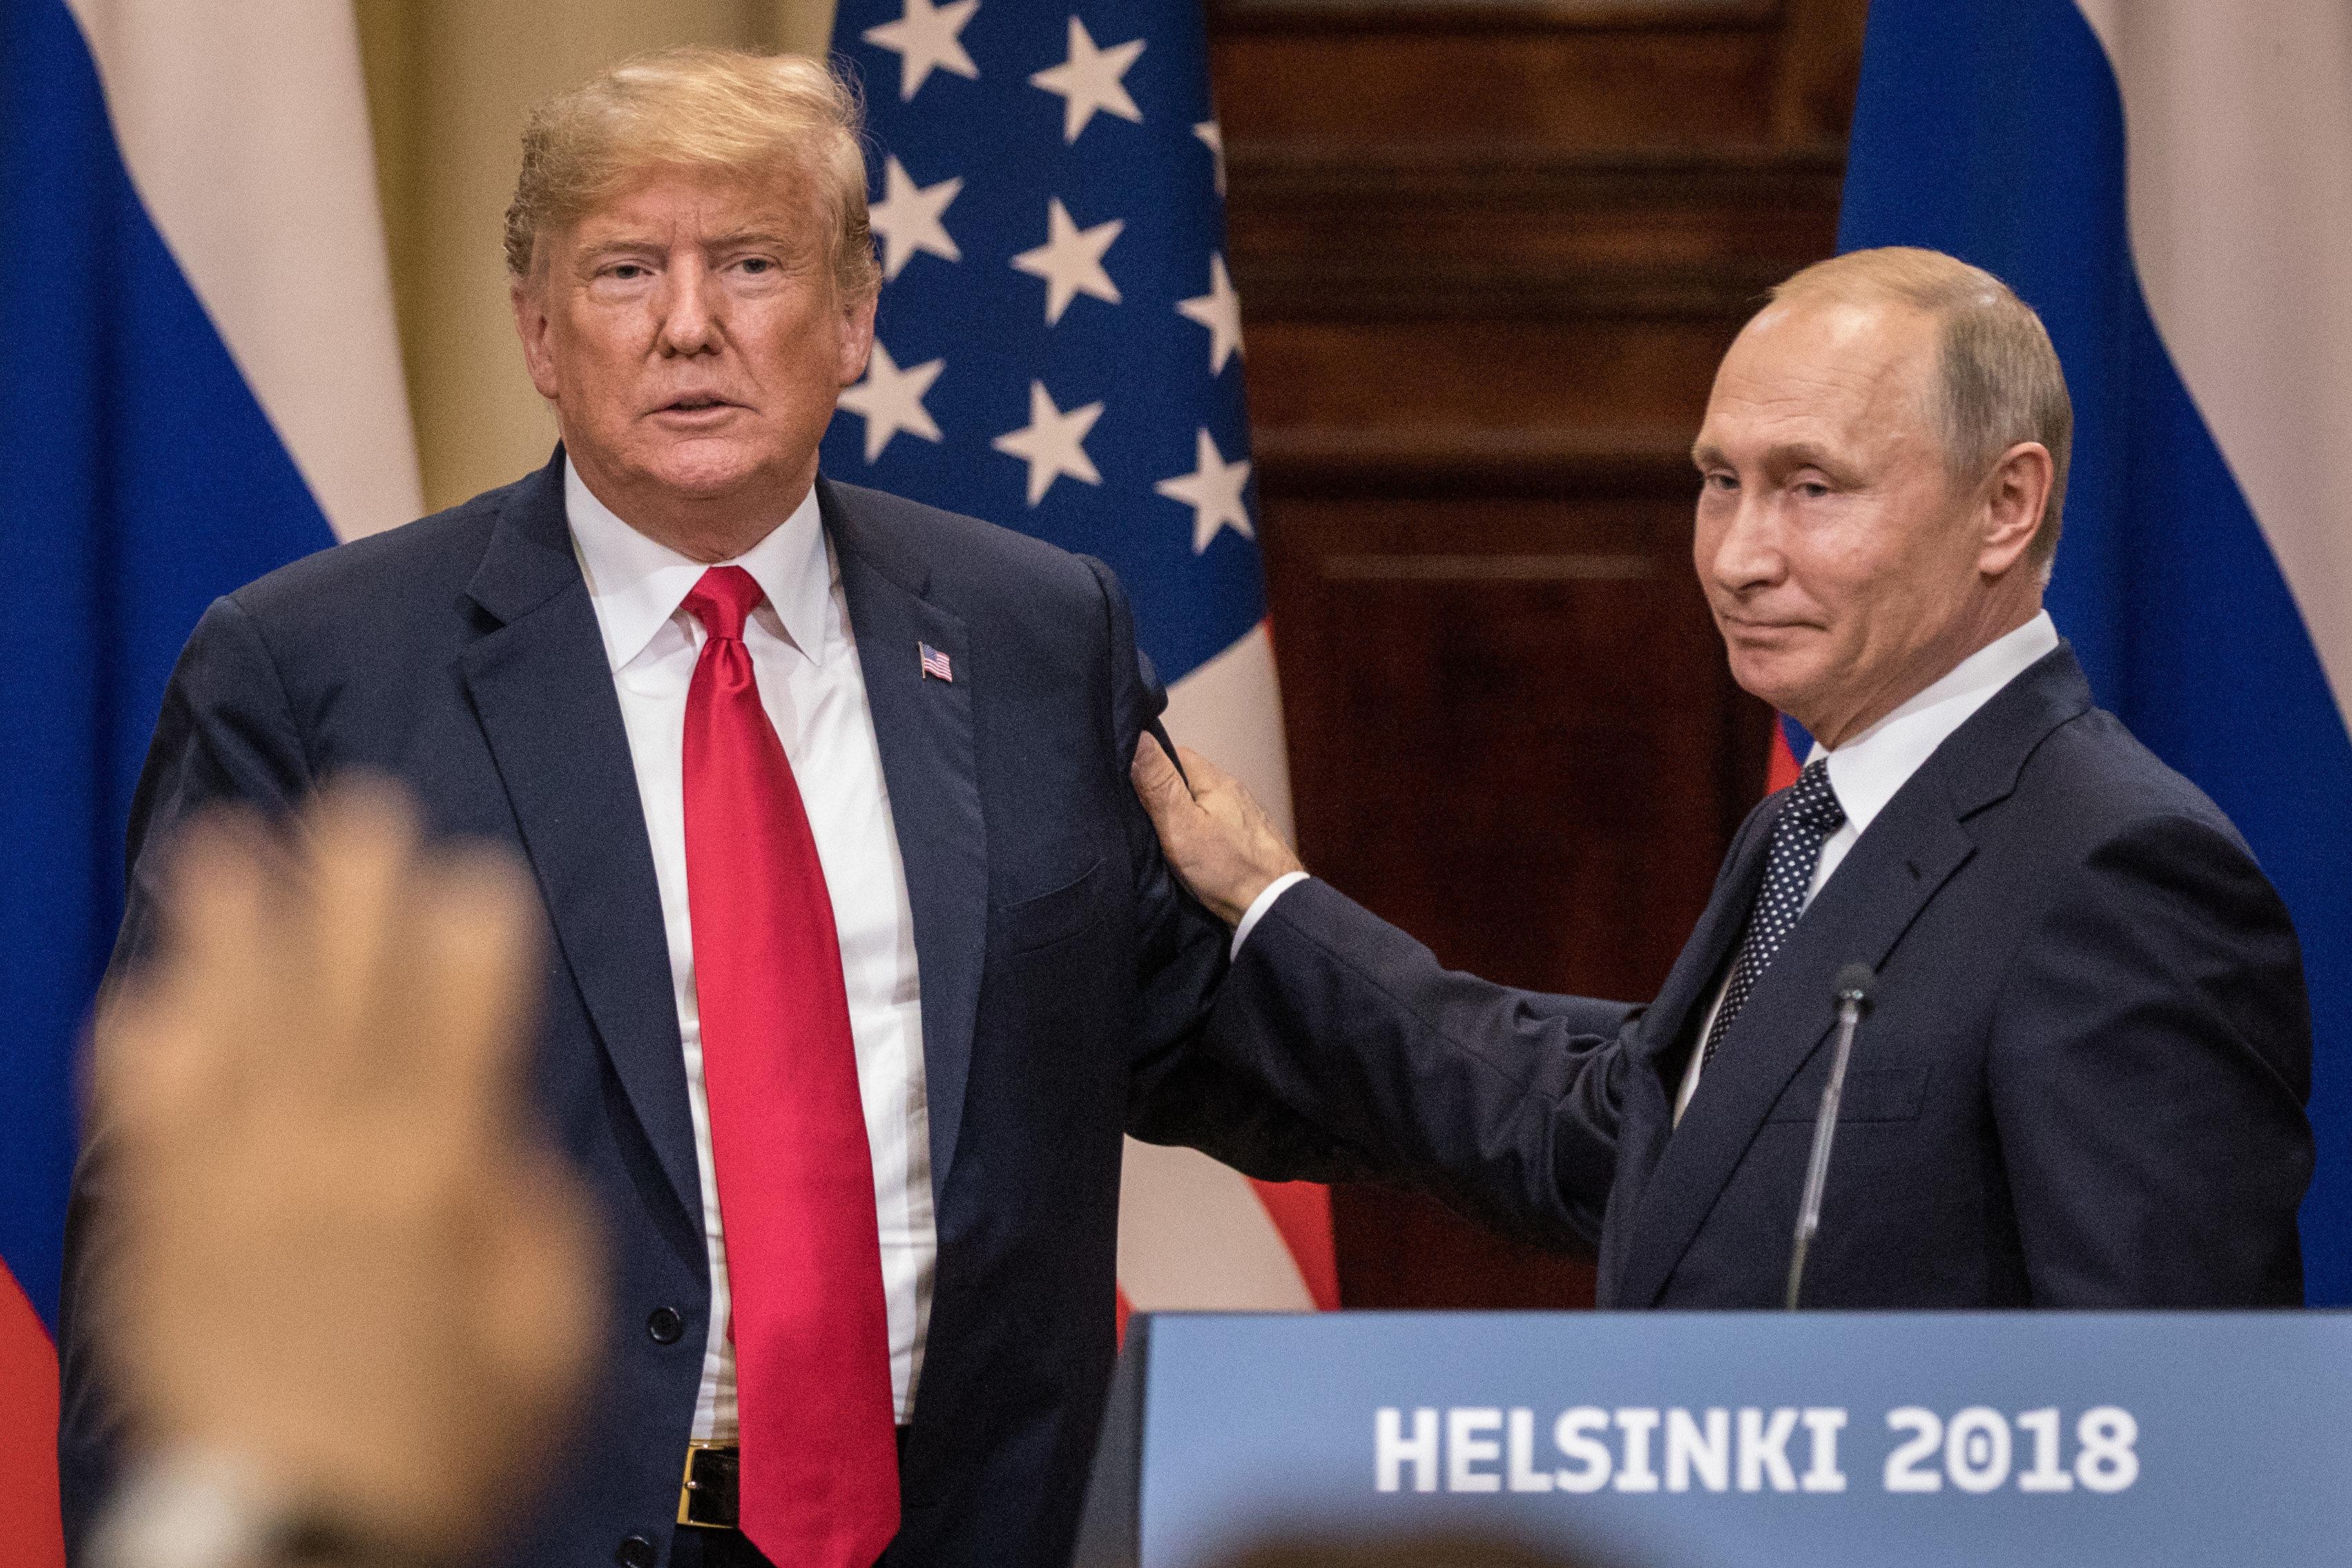 트럼프와 푸틴이 '대선개입'을 덮으며 '관계 회복'을 선언하다